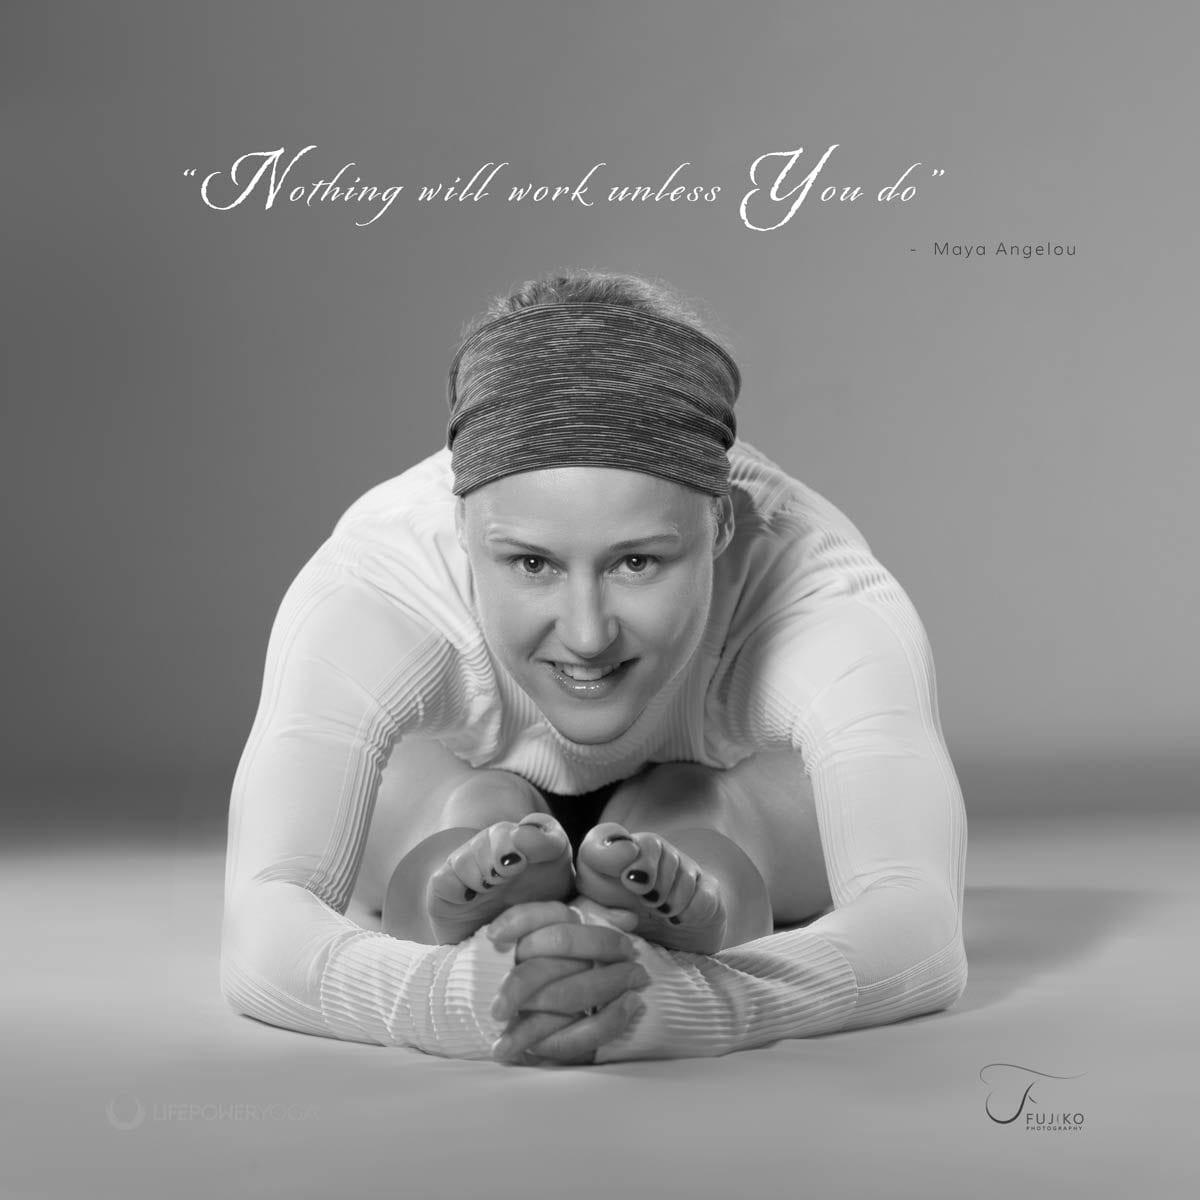 Yoga sculpt photos